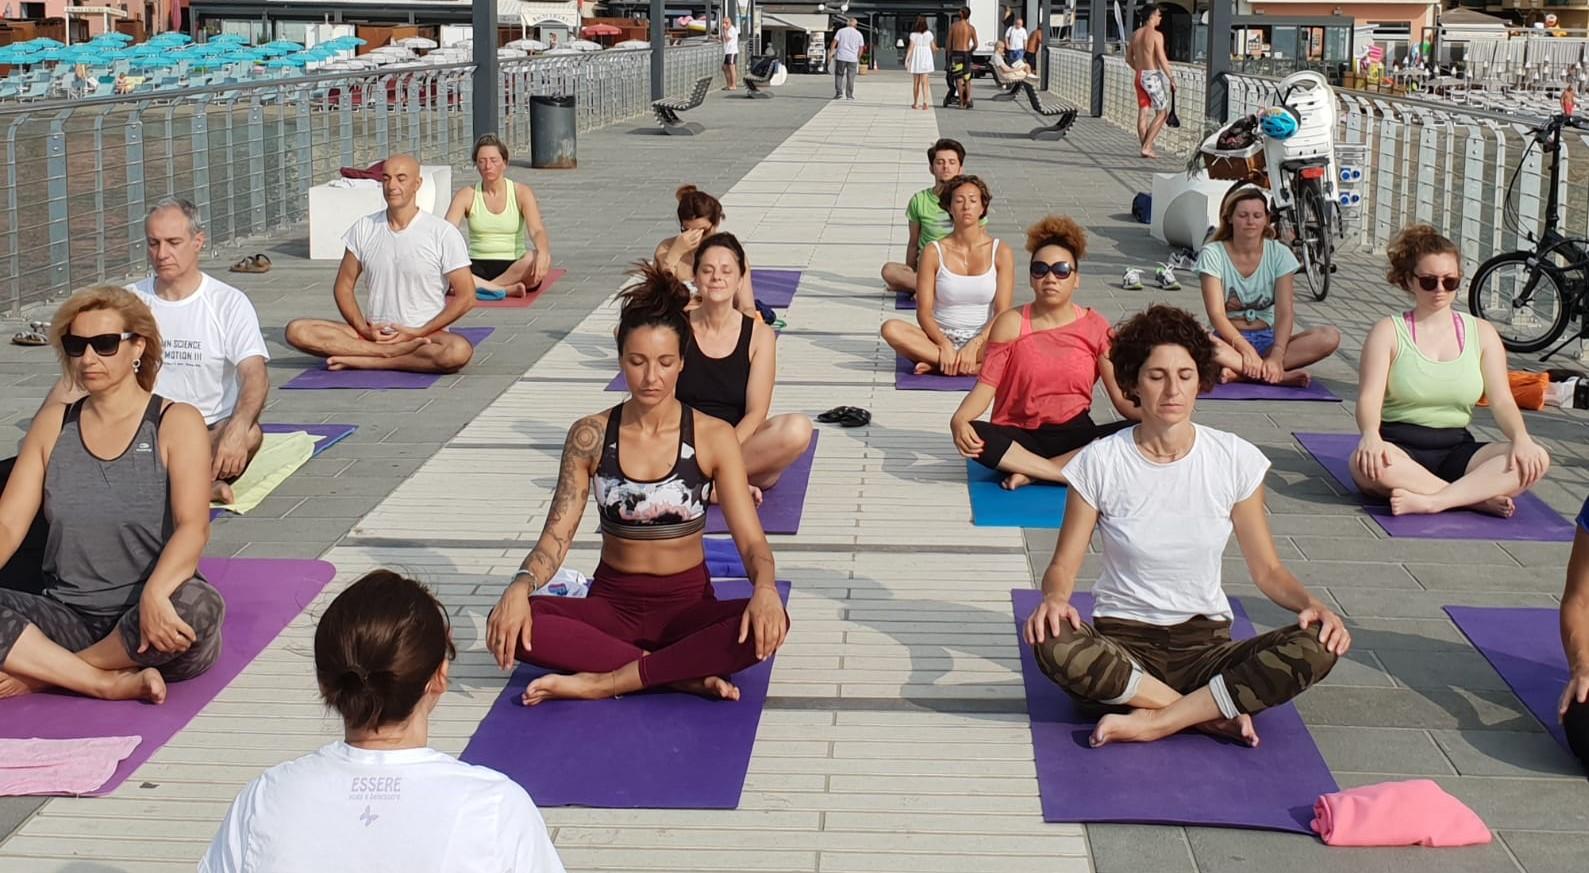 1_essere-free-yoga-gratuito-benessere-per-tutti-village-citta-alassio-estate-lucia-ragazzi-summer-town-wellness-076